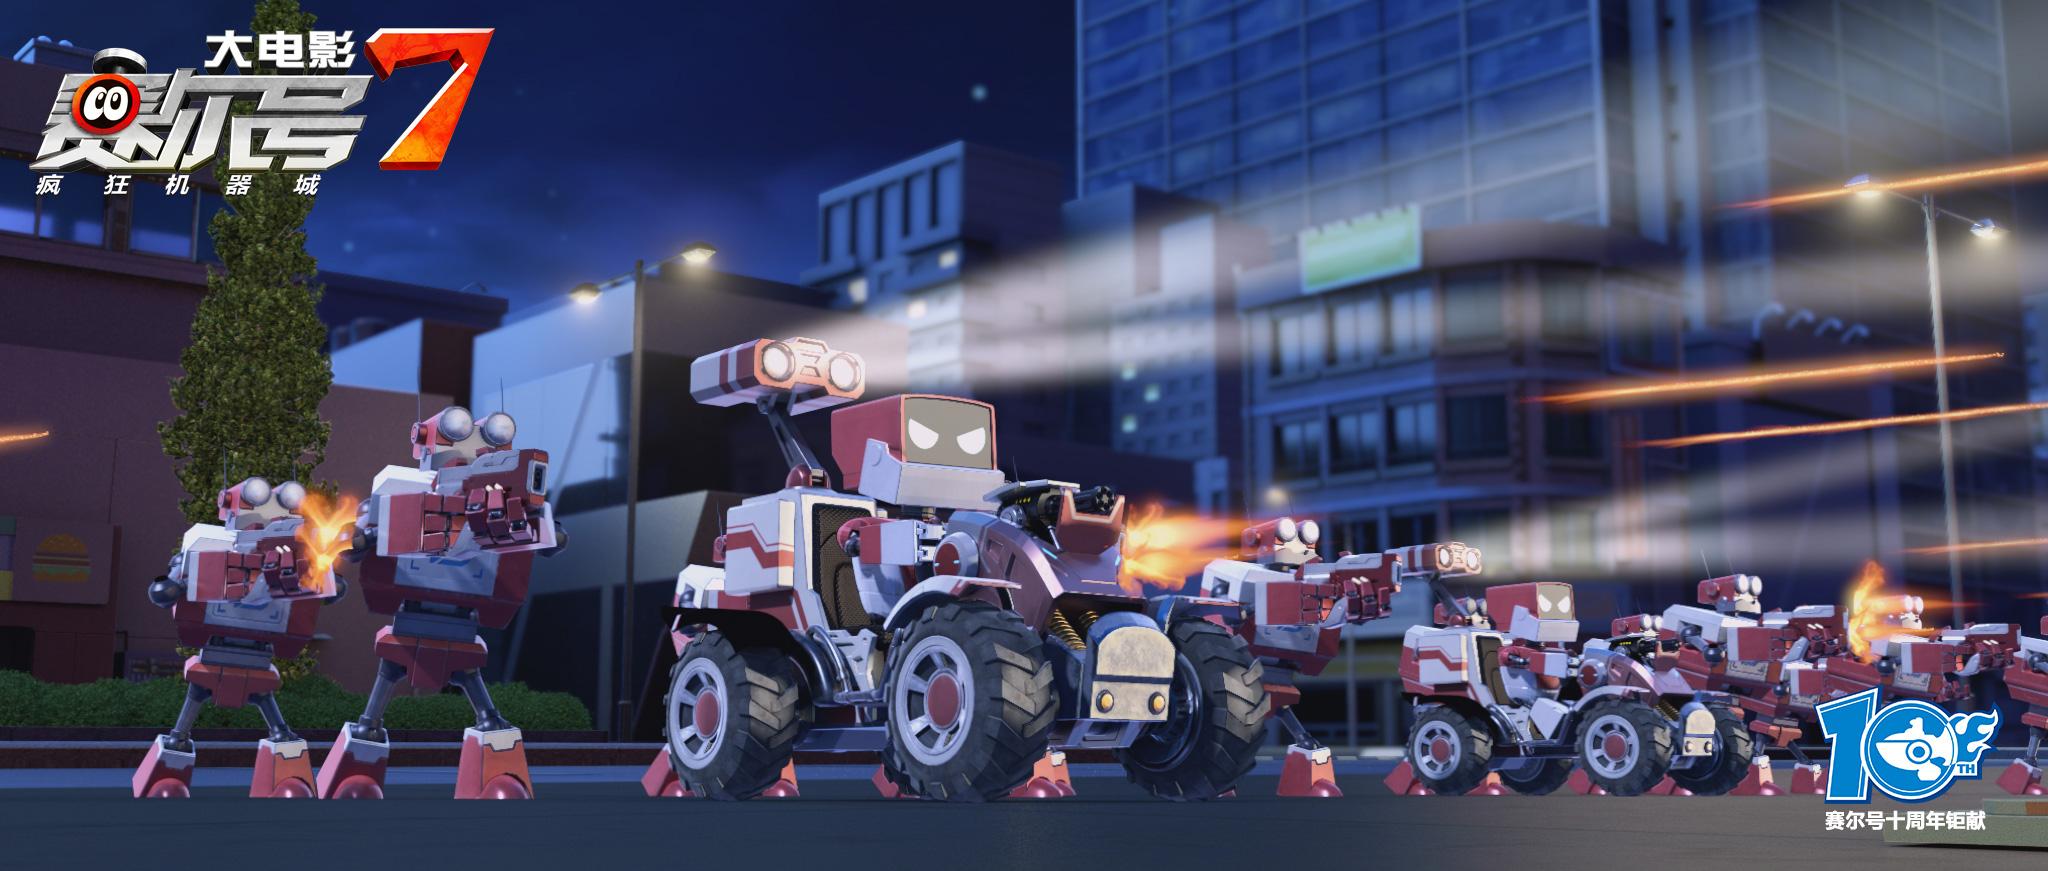 《赛尔号大电影7:疯狂机器城》将于8月2日登陆全国各大院线